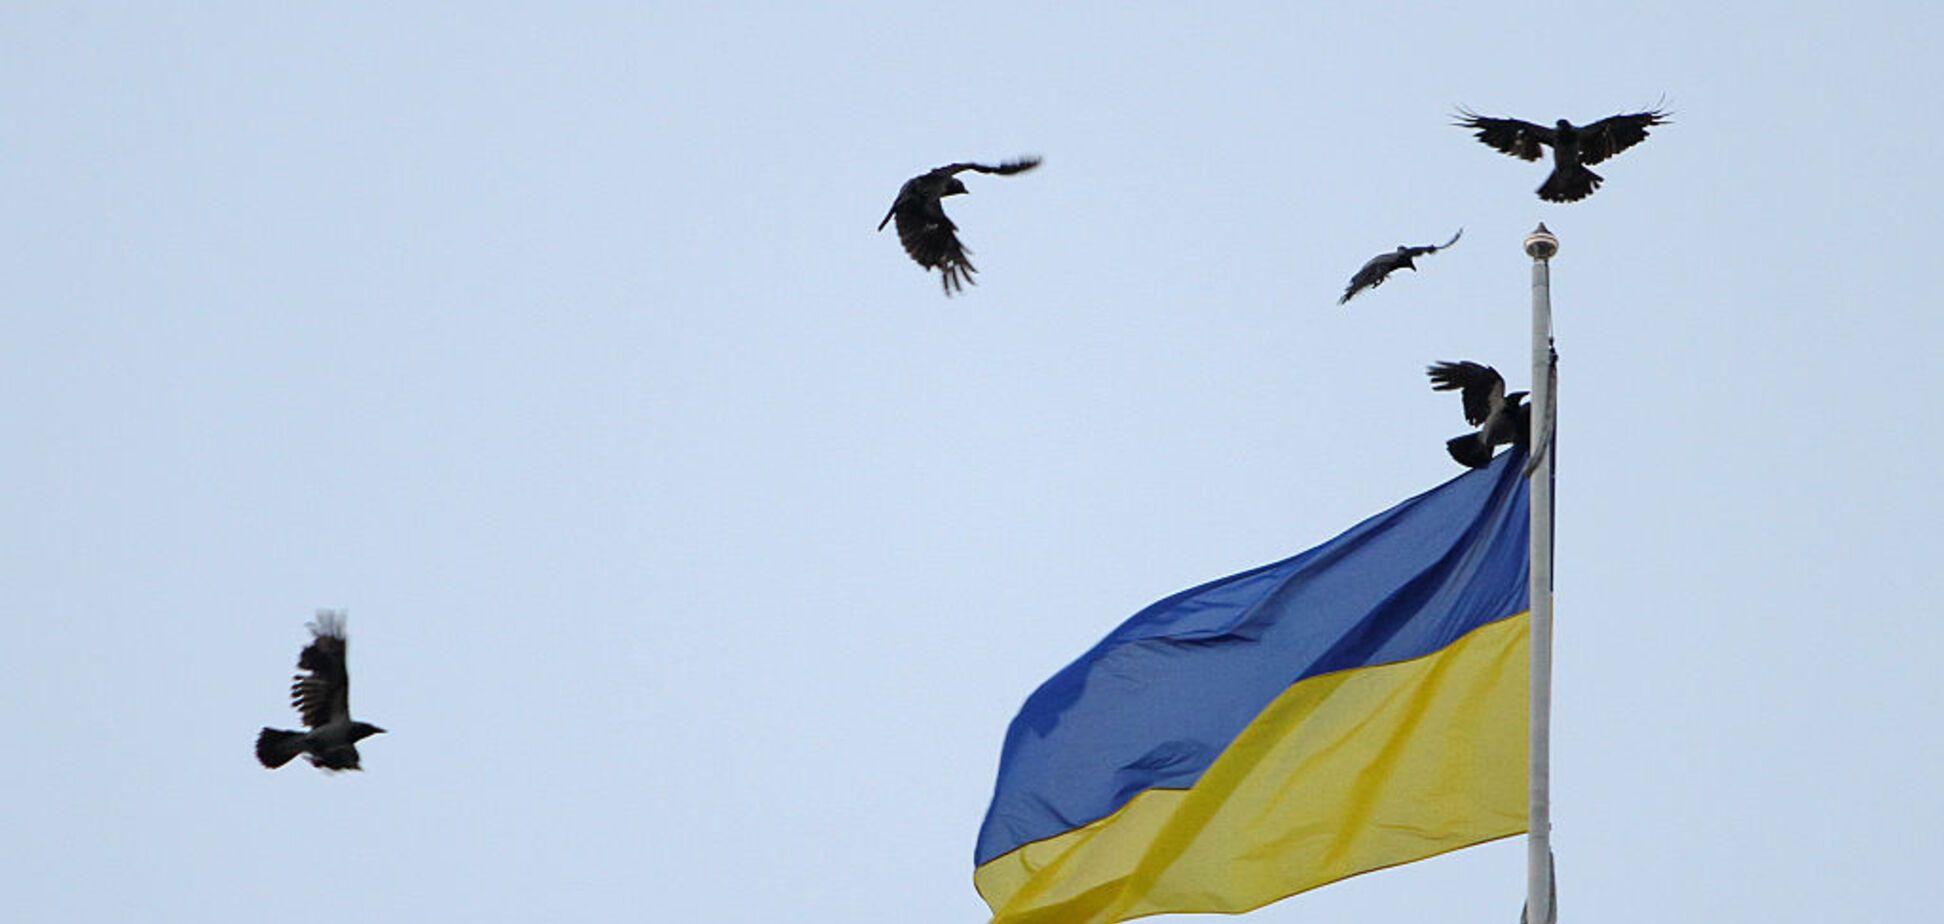 Россия будет наступать: появился пугающий прогноз о войне в Украине